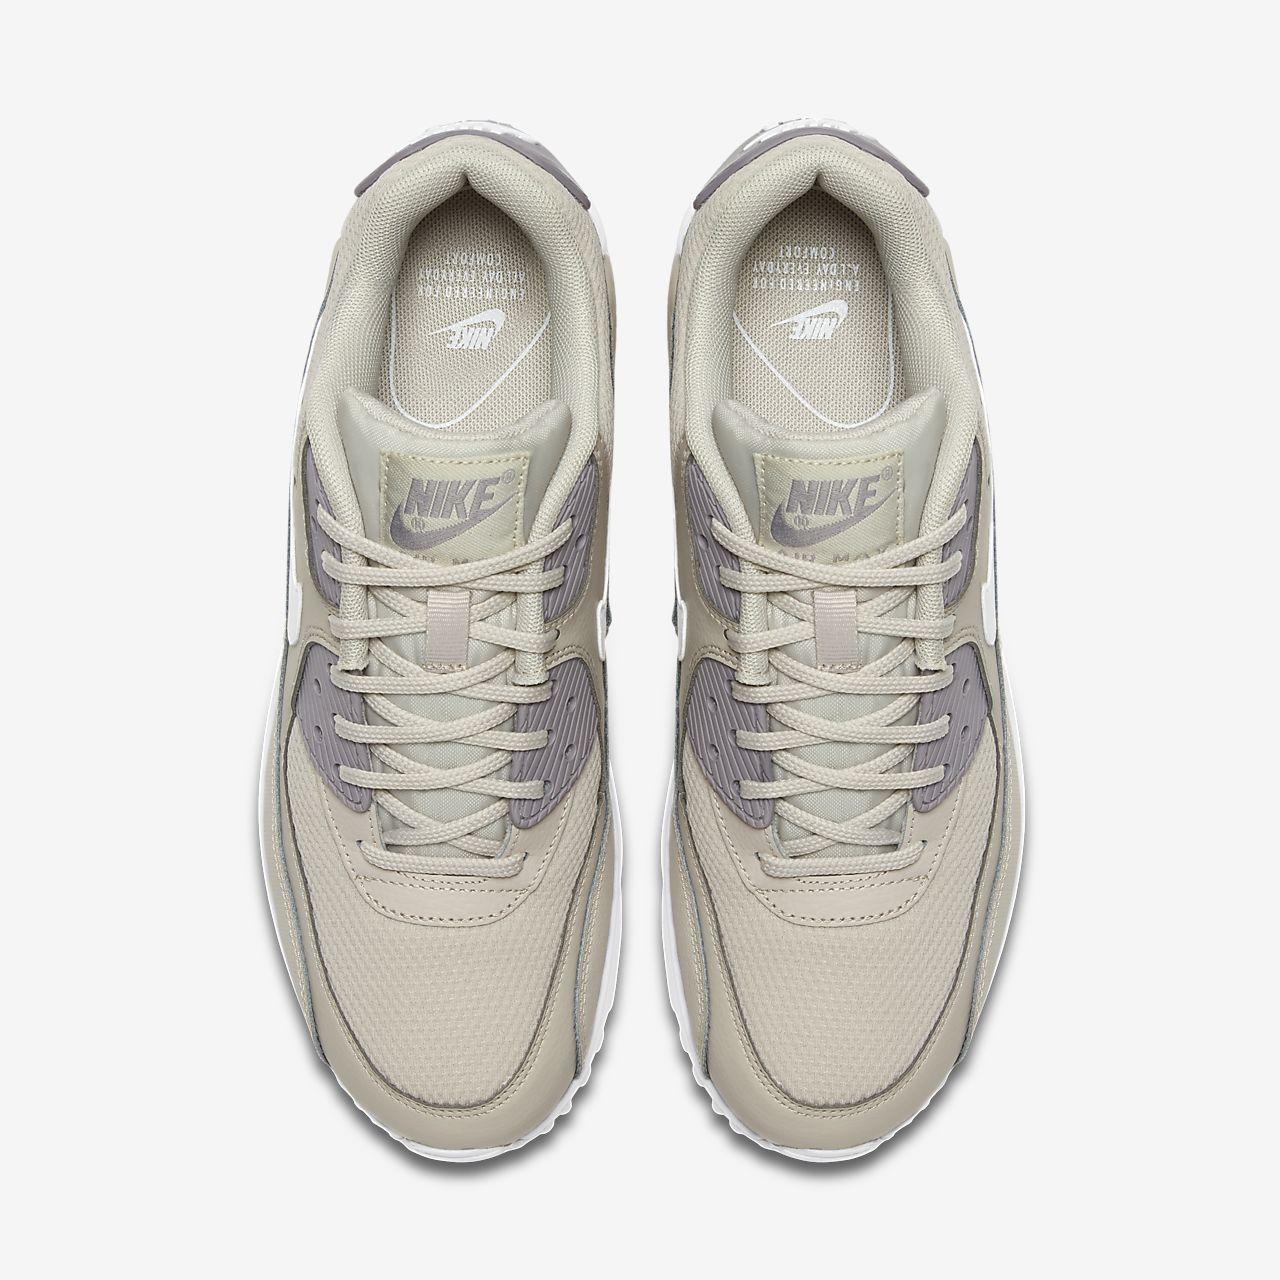 Nike Air Max 90 Essentielle Alle Hvide Mænd Kvinder